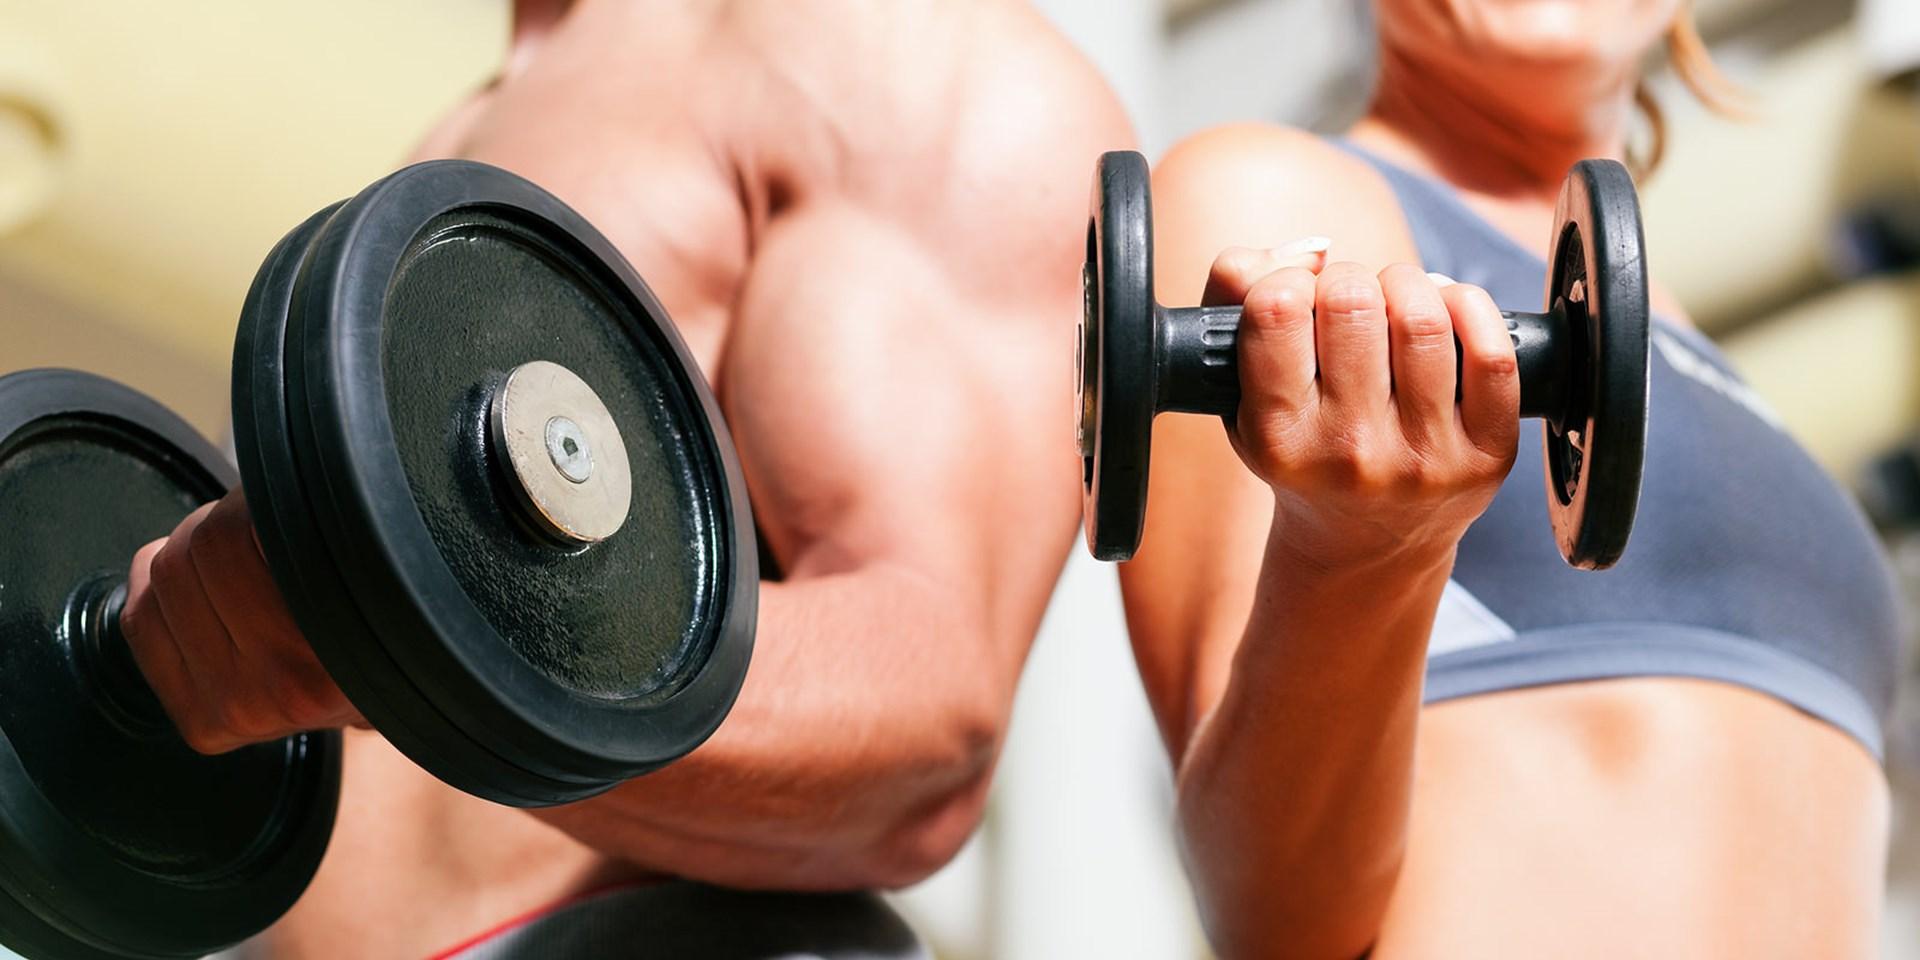 Oι 25 καλύτερες fitness συμβουλές που έχεις ακούσει ποτέ!